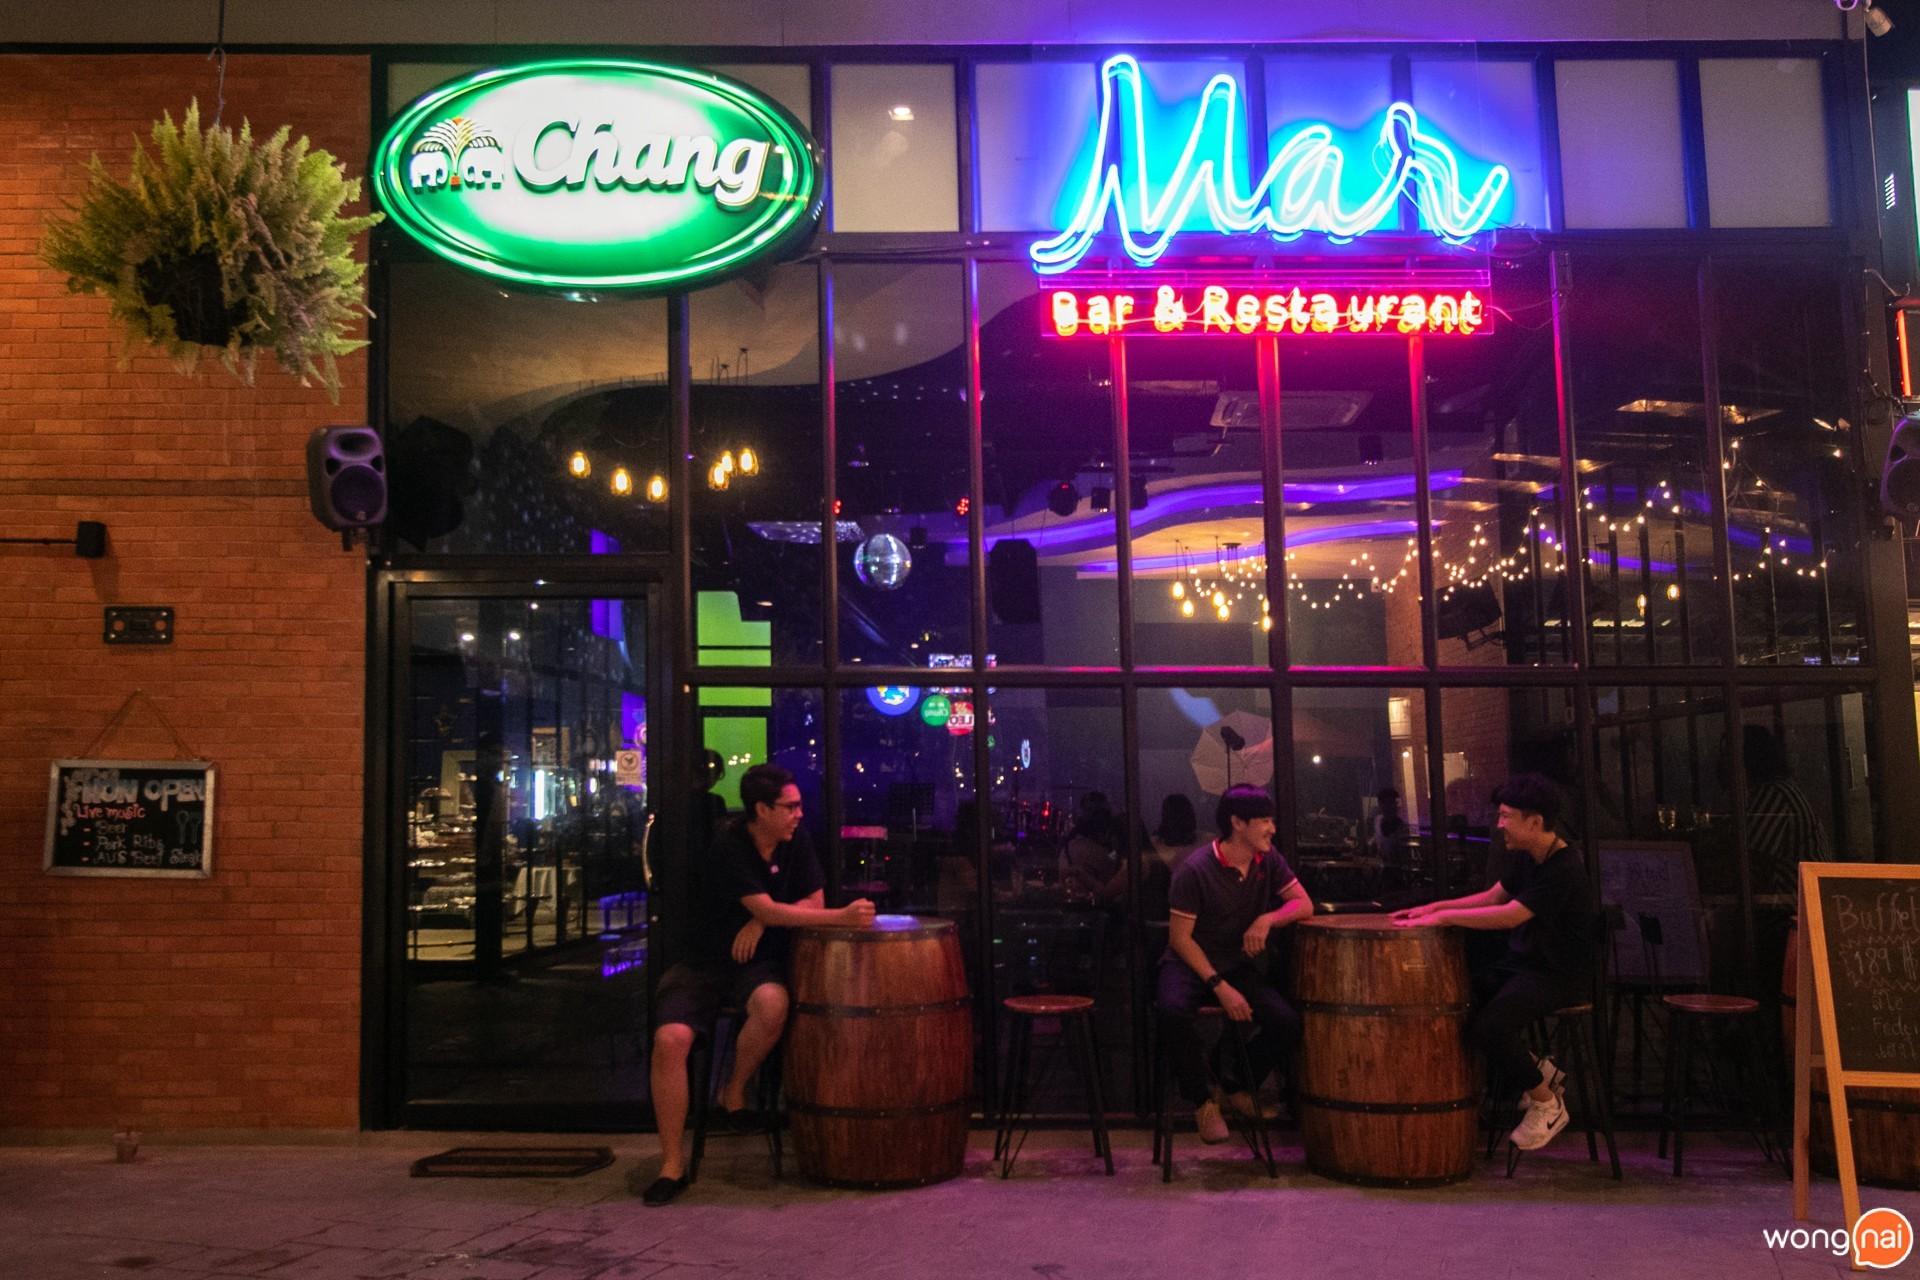 บรรยากาศร้าน Mar Bar & Restaurant เชียงใหม่